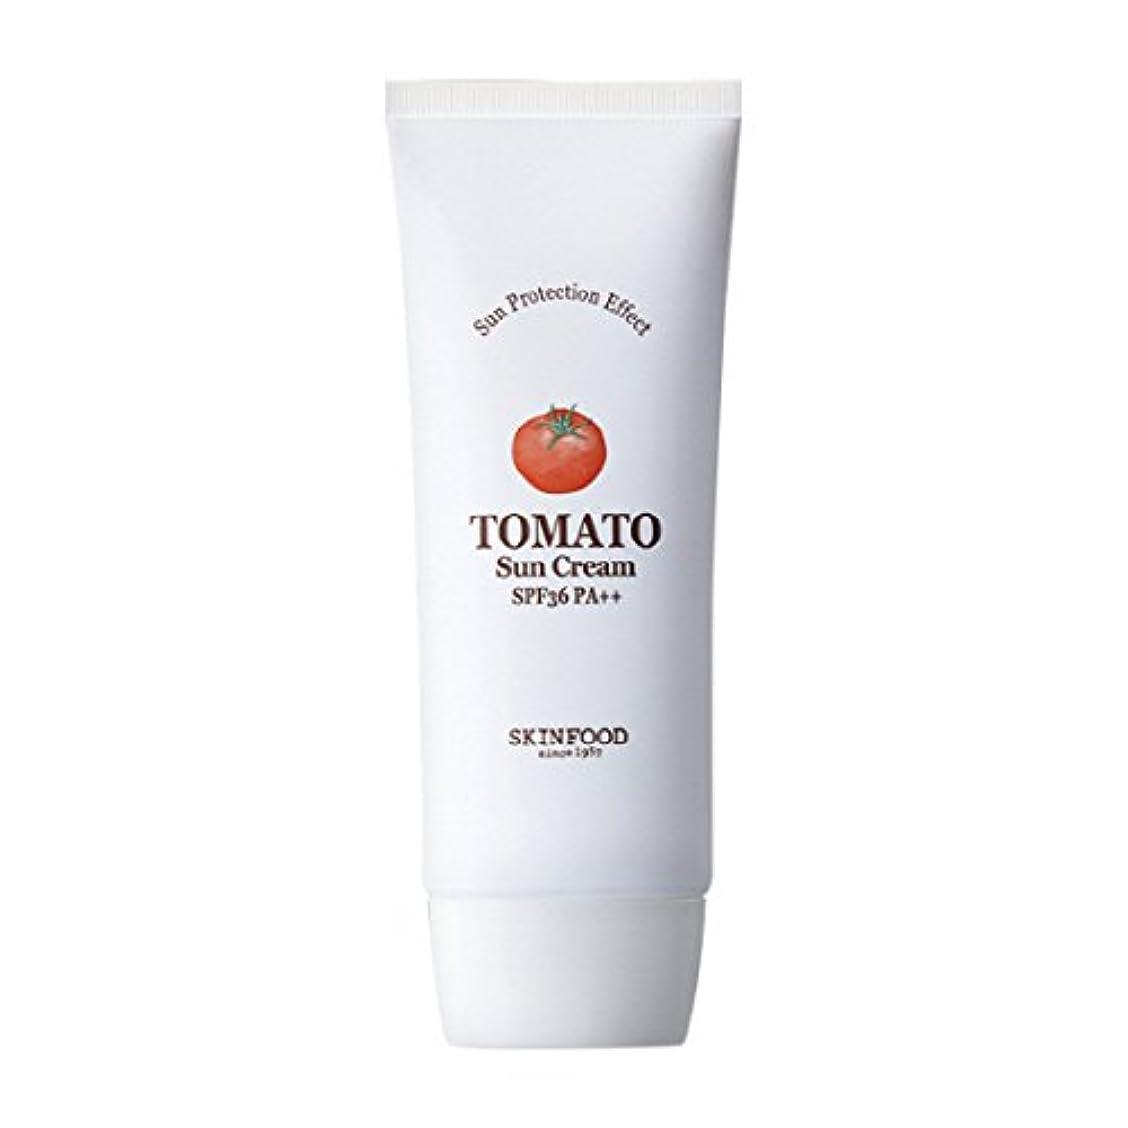 クックシールド好ましいSkinfood トマトサンクリームSPF 36 PA ++(UVプロテクション) / Tomato Sun Cream SPF 36 PA++ (UV Protection) 50ml [並行輸入品]